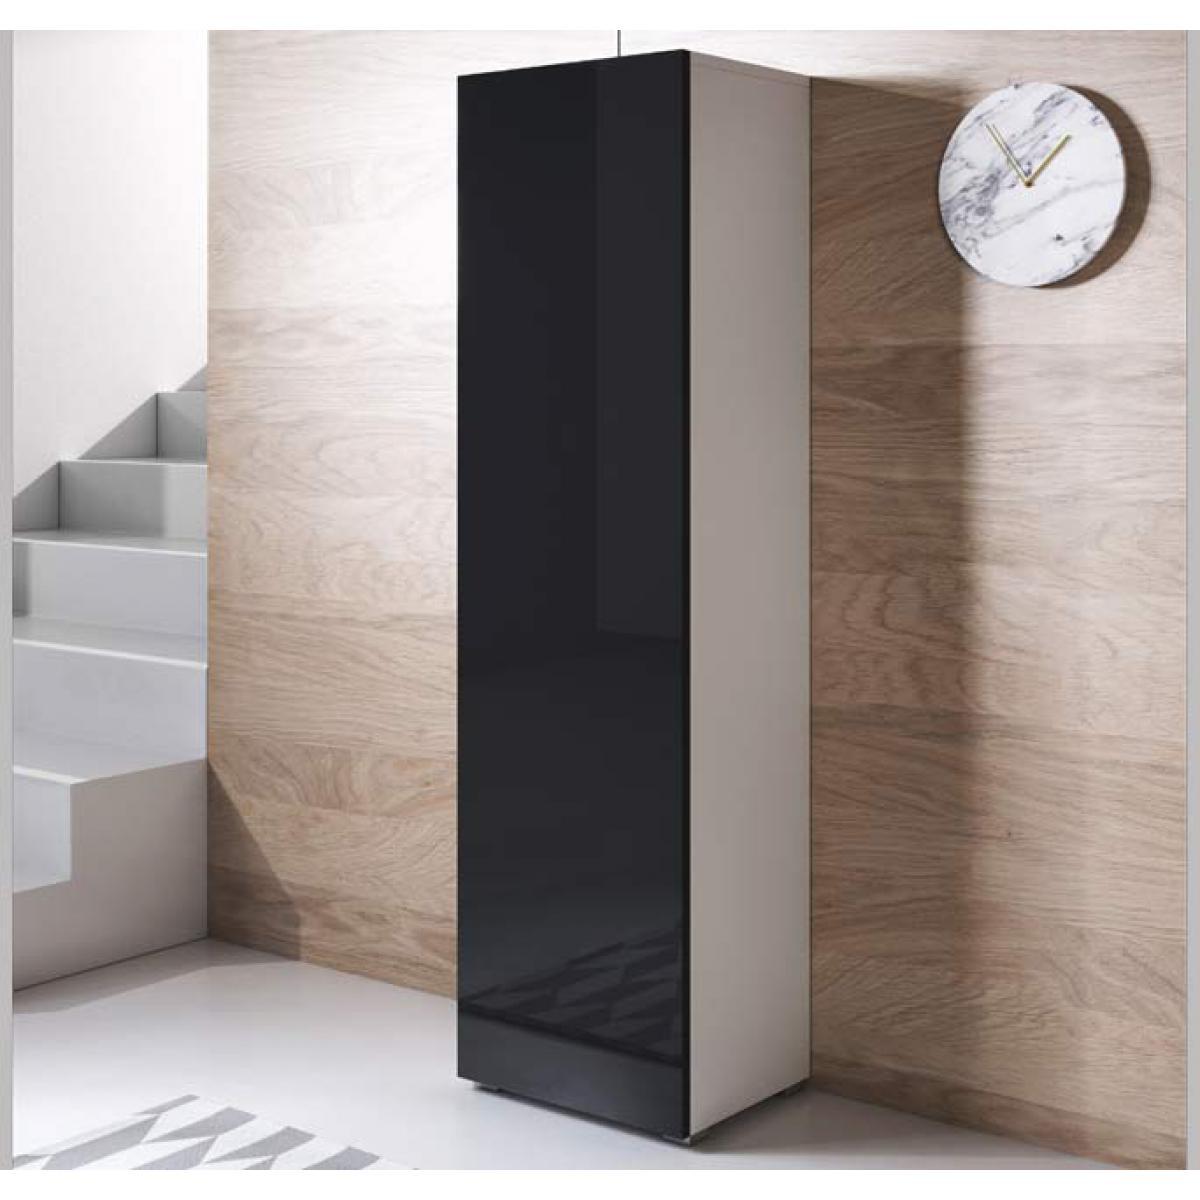 Design Ameublement Armoire modèle Luke V4 (40x167cm) couleur blanc et noir avec pieds standard